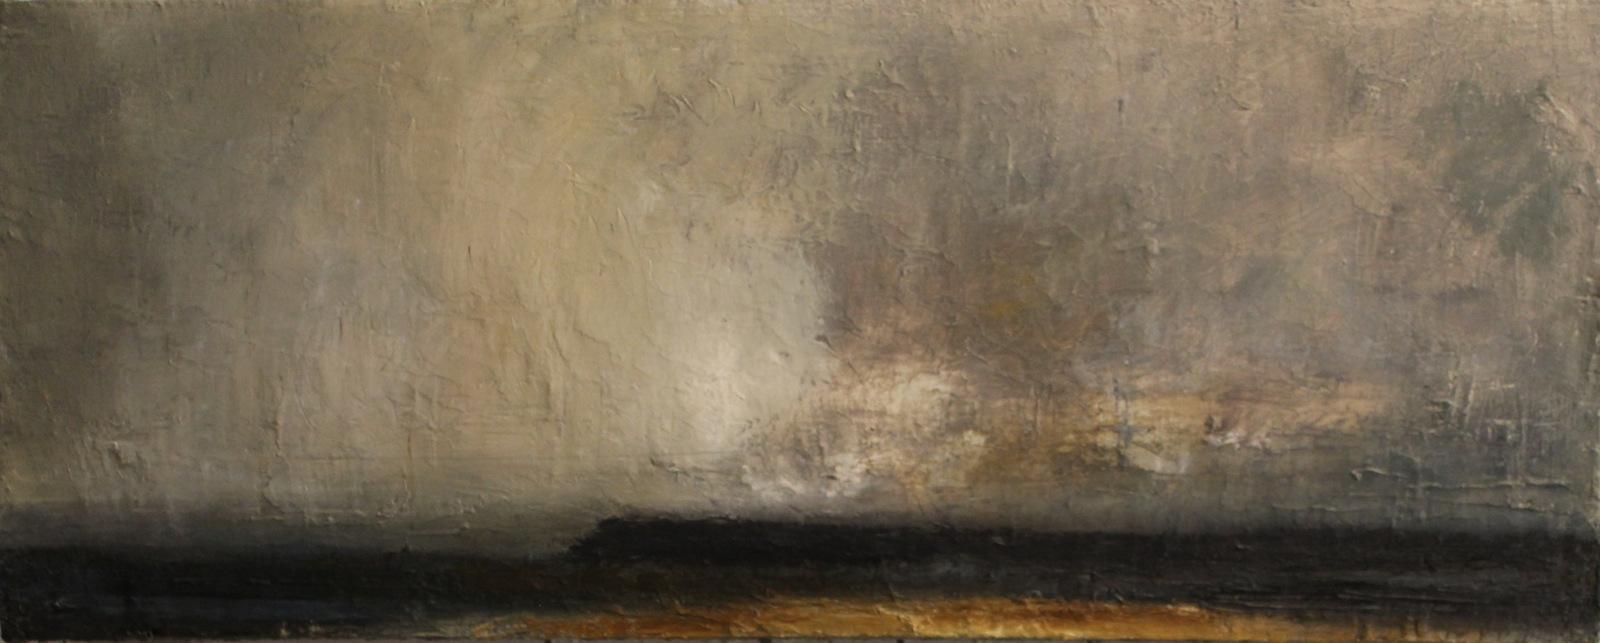 Headland | oil on canvas | 30x76cm |